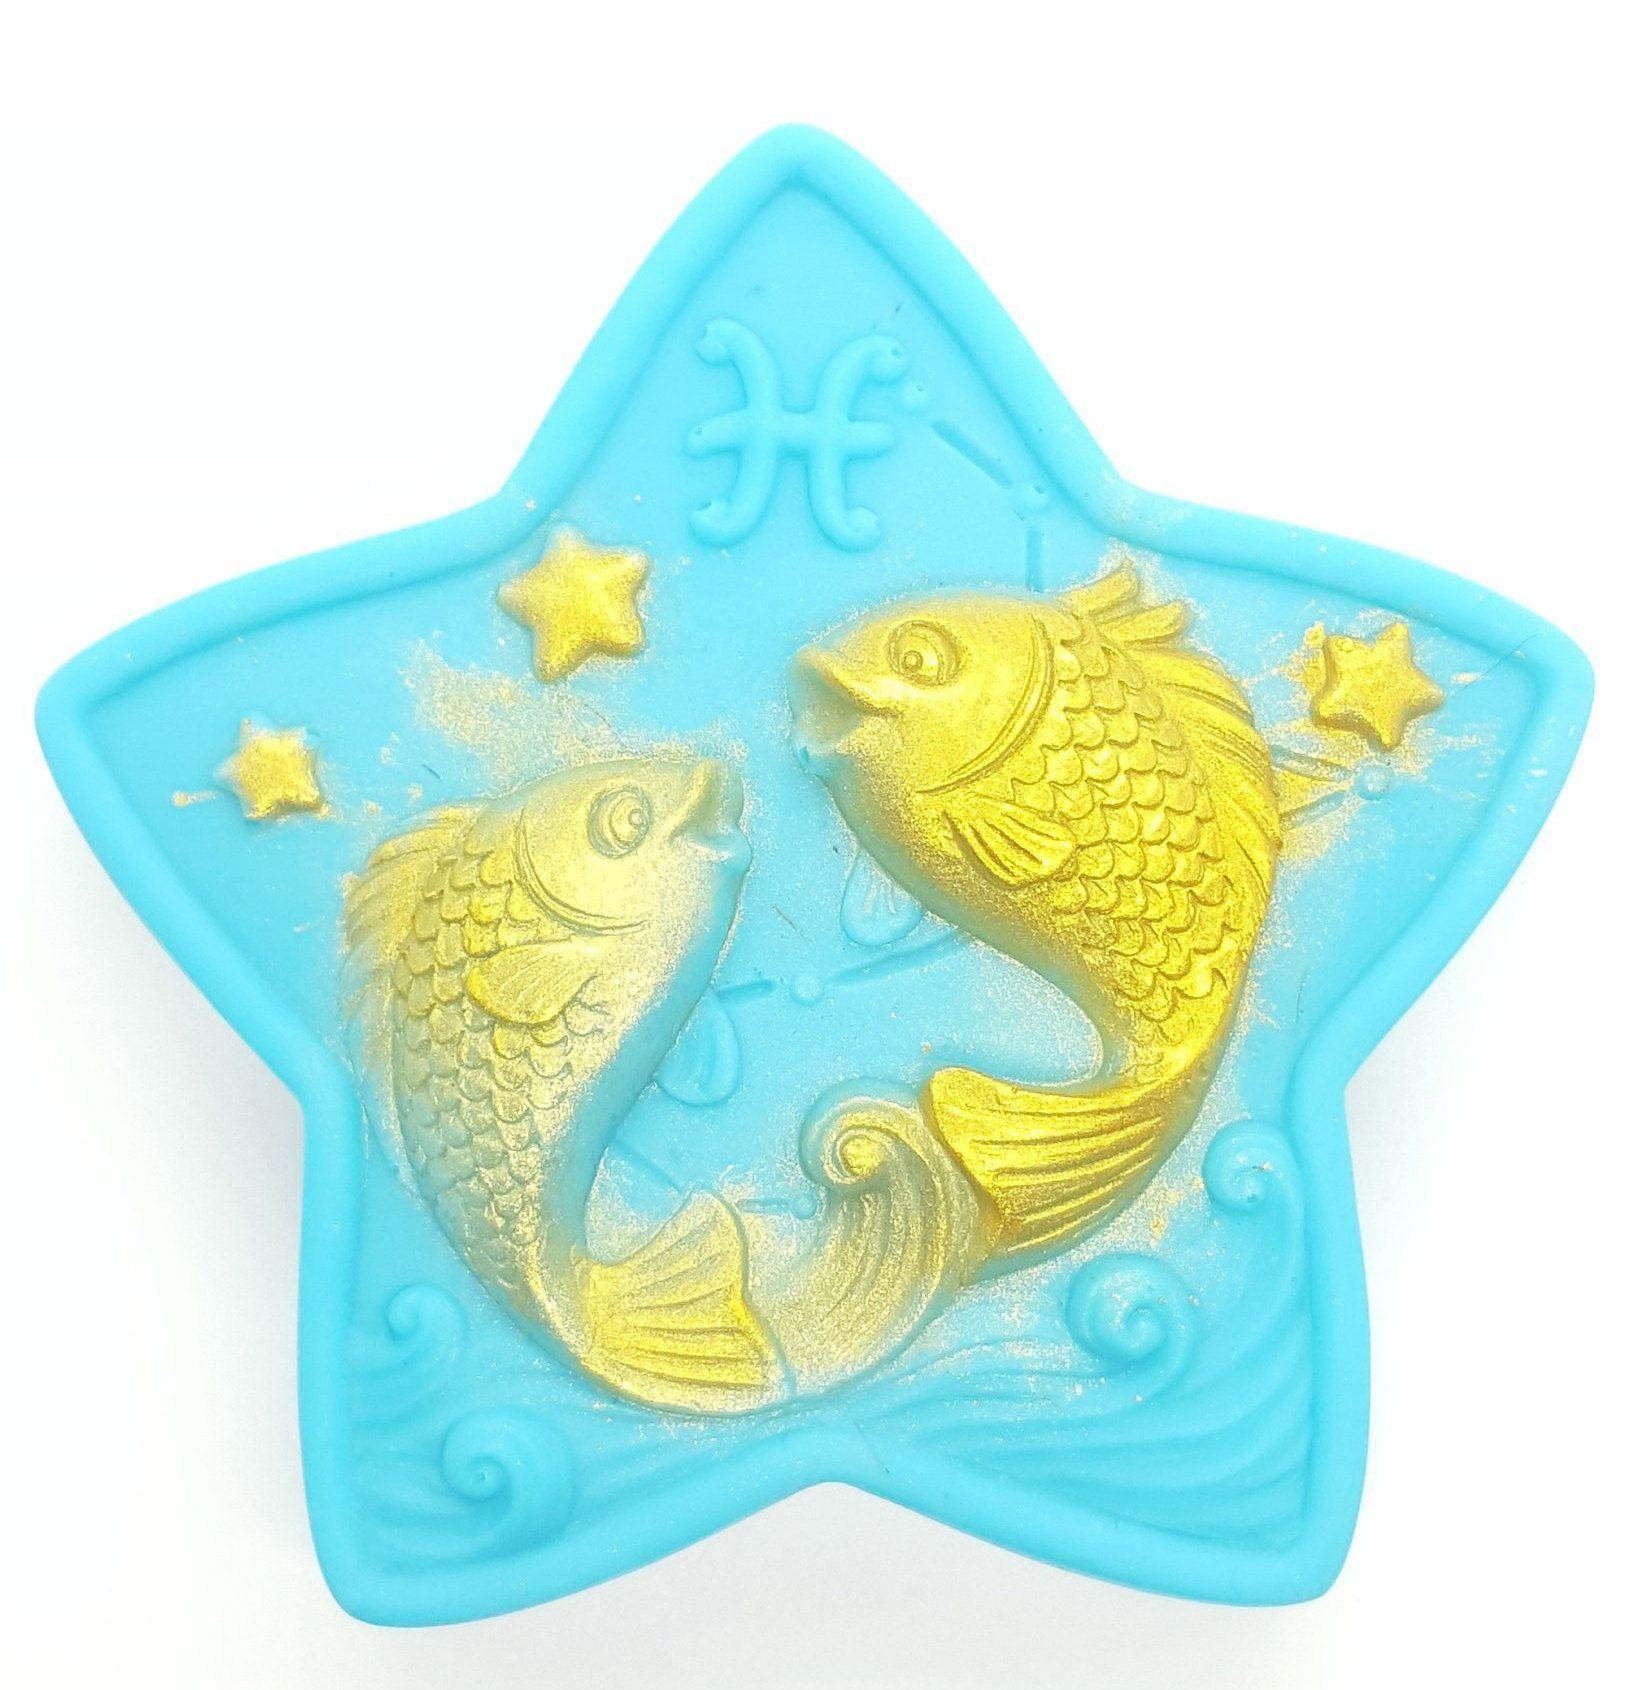 Sternzeichen Fische Seife Astrologie Sternbild Pisces Gast